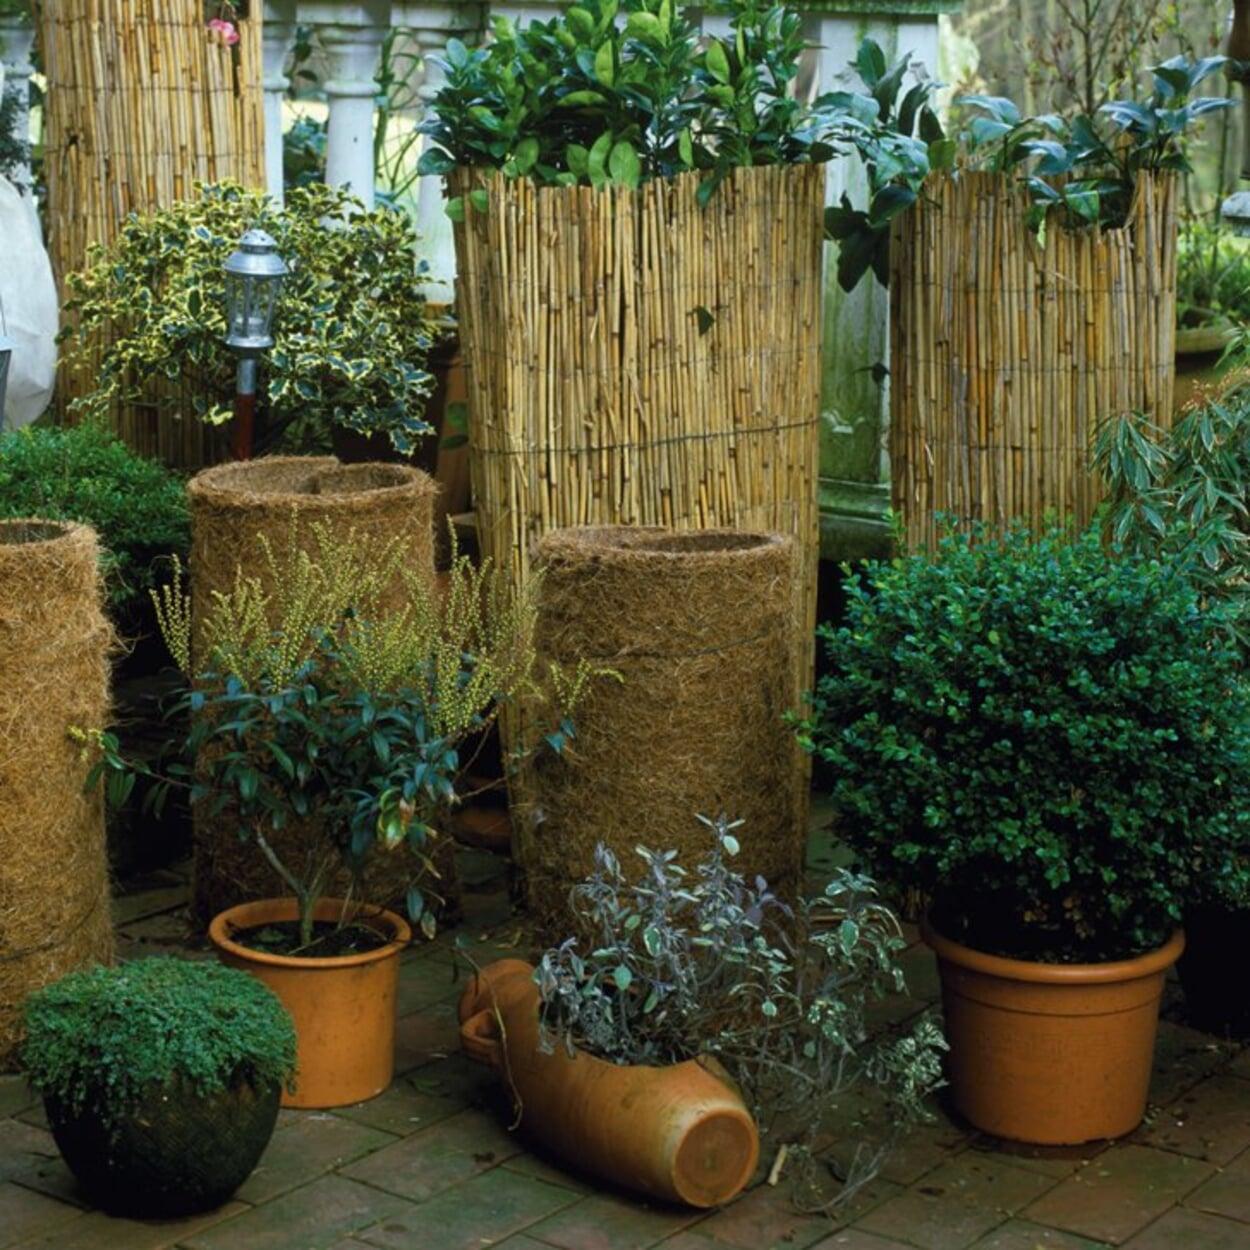 Töpfe mit Kokosmatten oder Matten aus Stroh oder Bambus umhüllen um die Wurzeln zu schützen